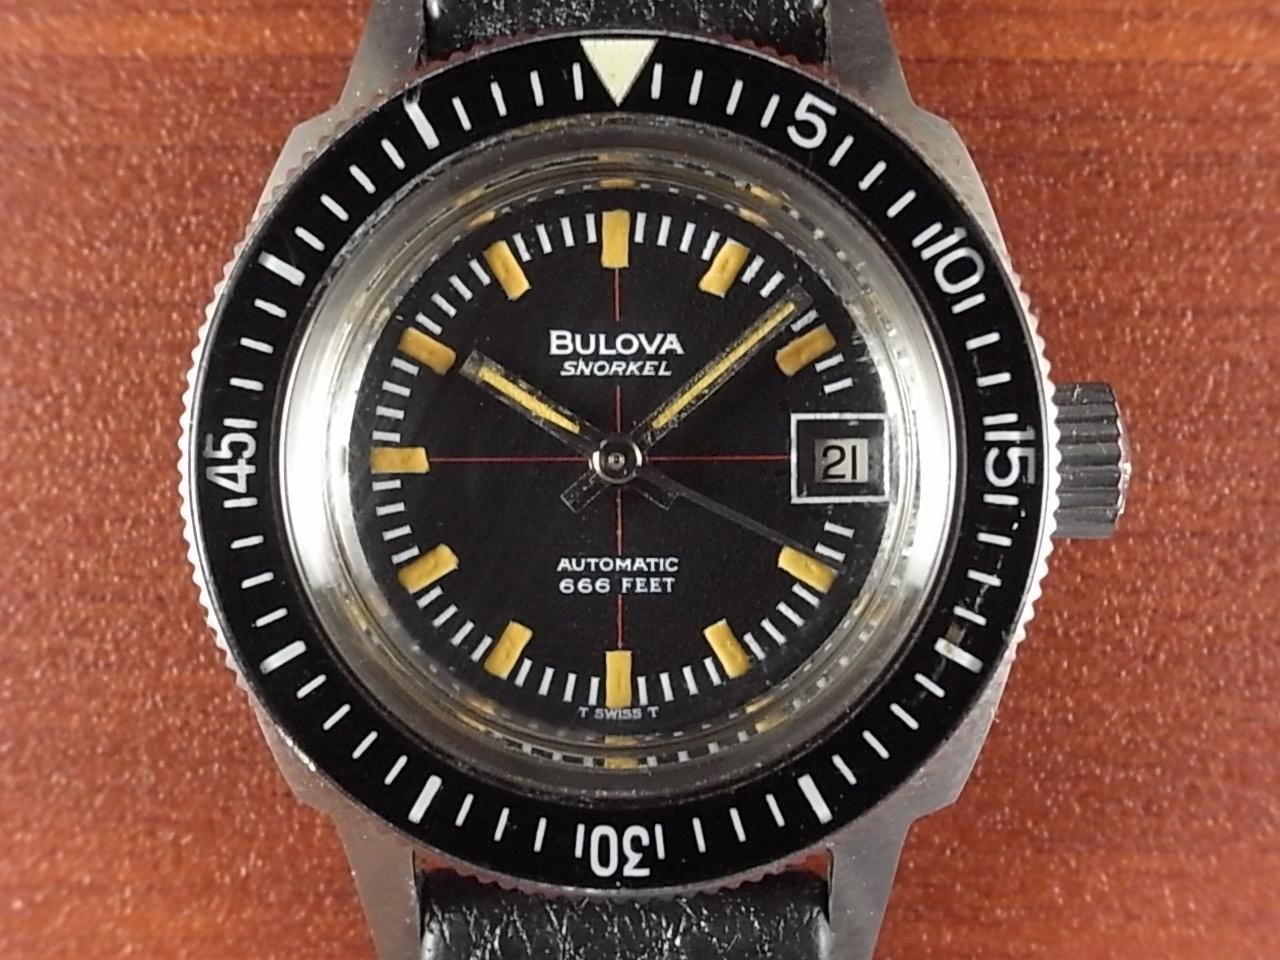 ブローバ スノーケル レディース ダイバーズウォッチ 1970年代の写真2枚目